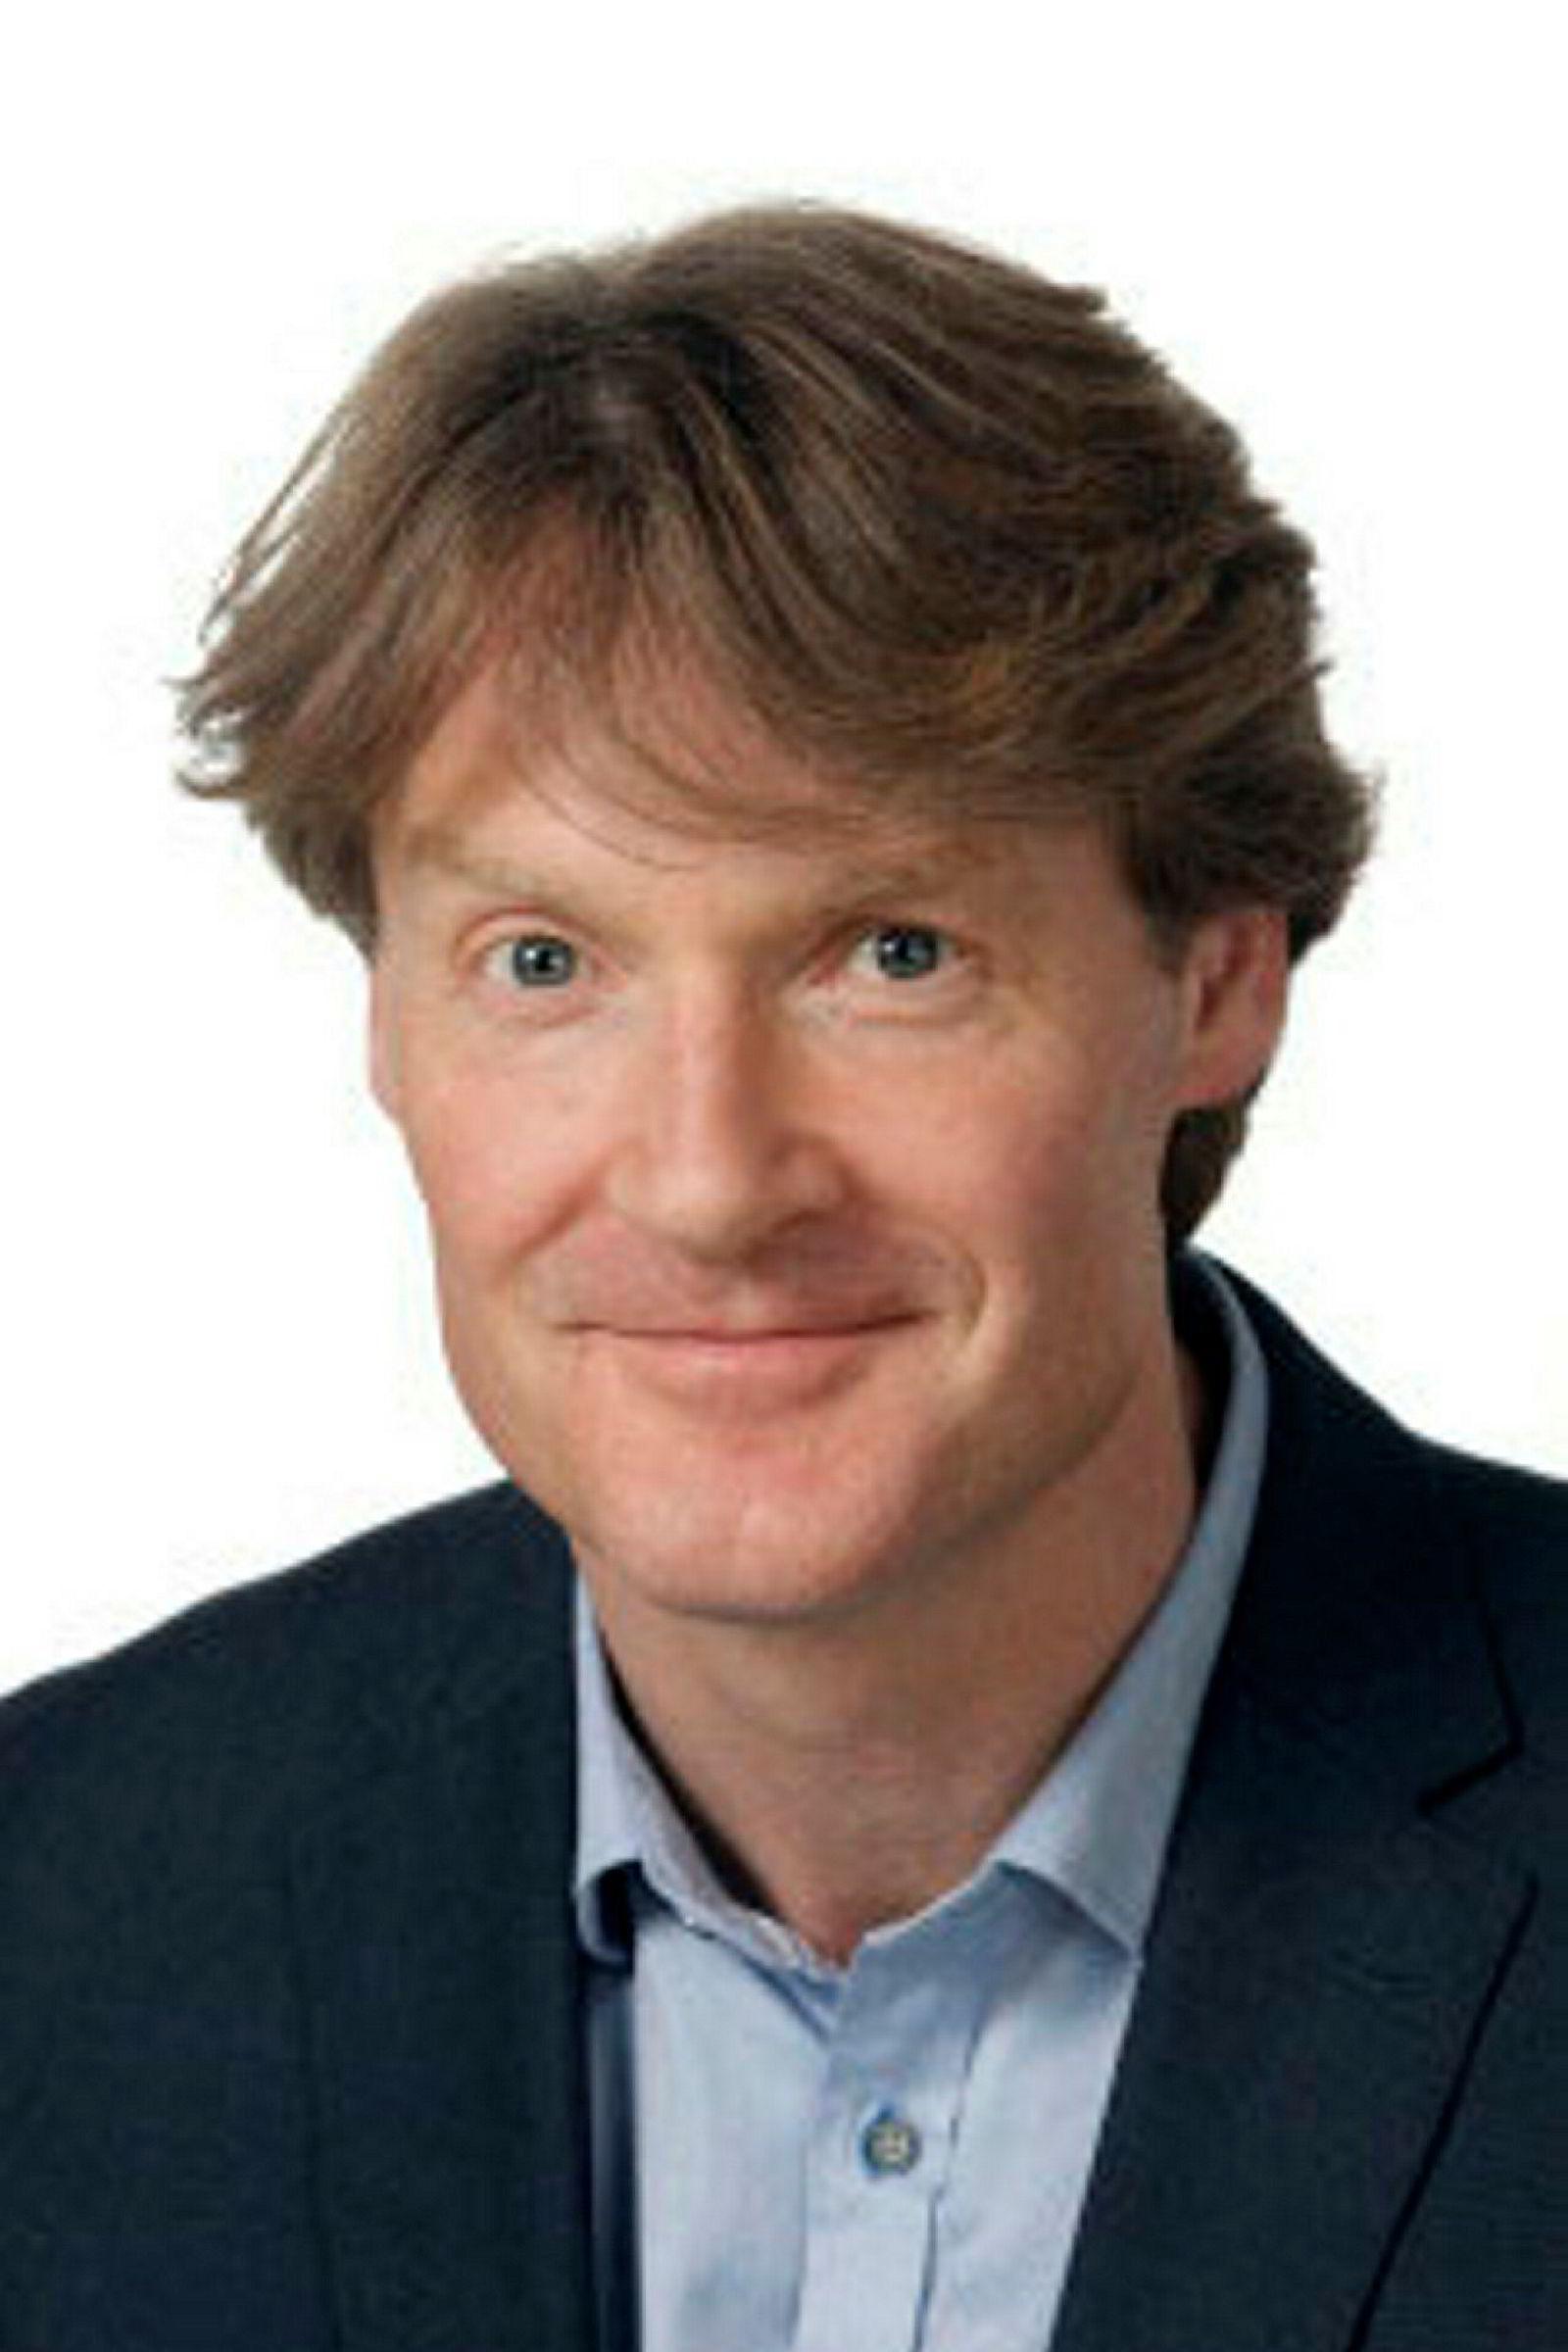 Robert Rønning, Kommunikasjonsdirektør, Orkla Confectionery & Snacks Norge